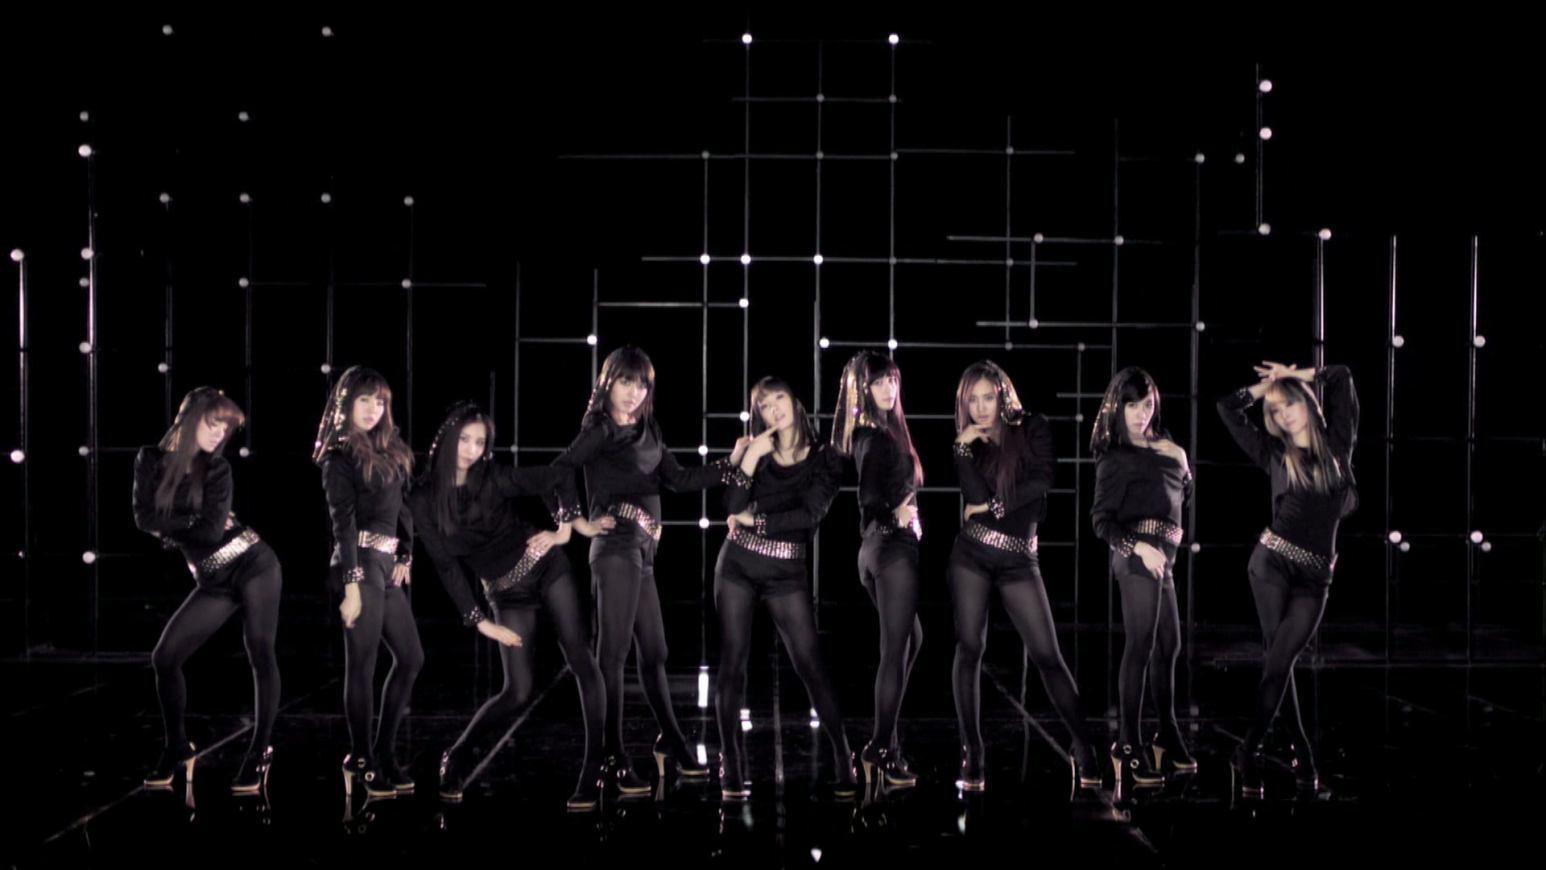 10人的女子组合唱的